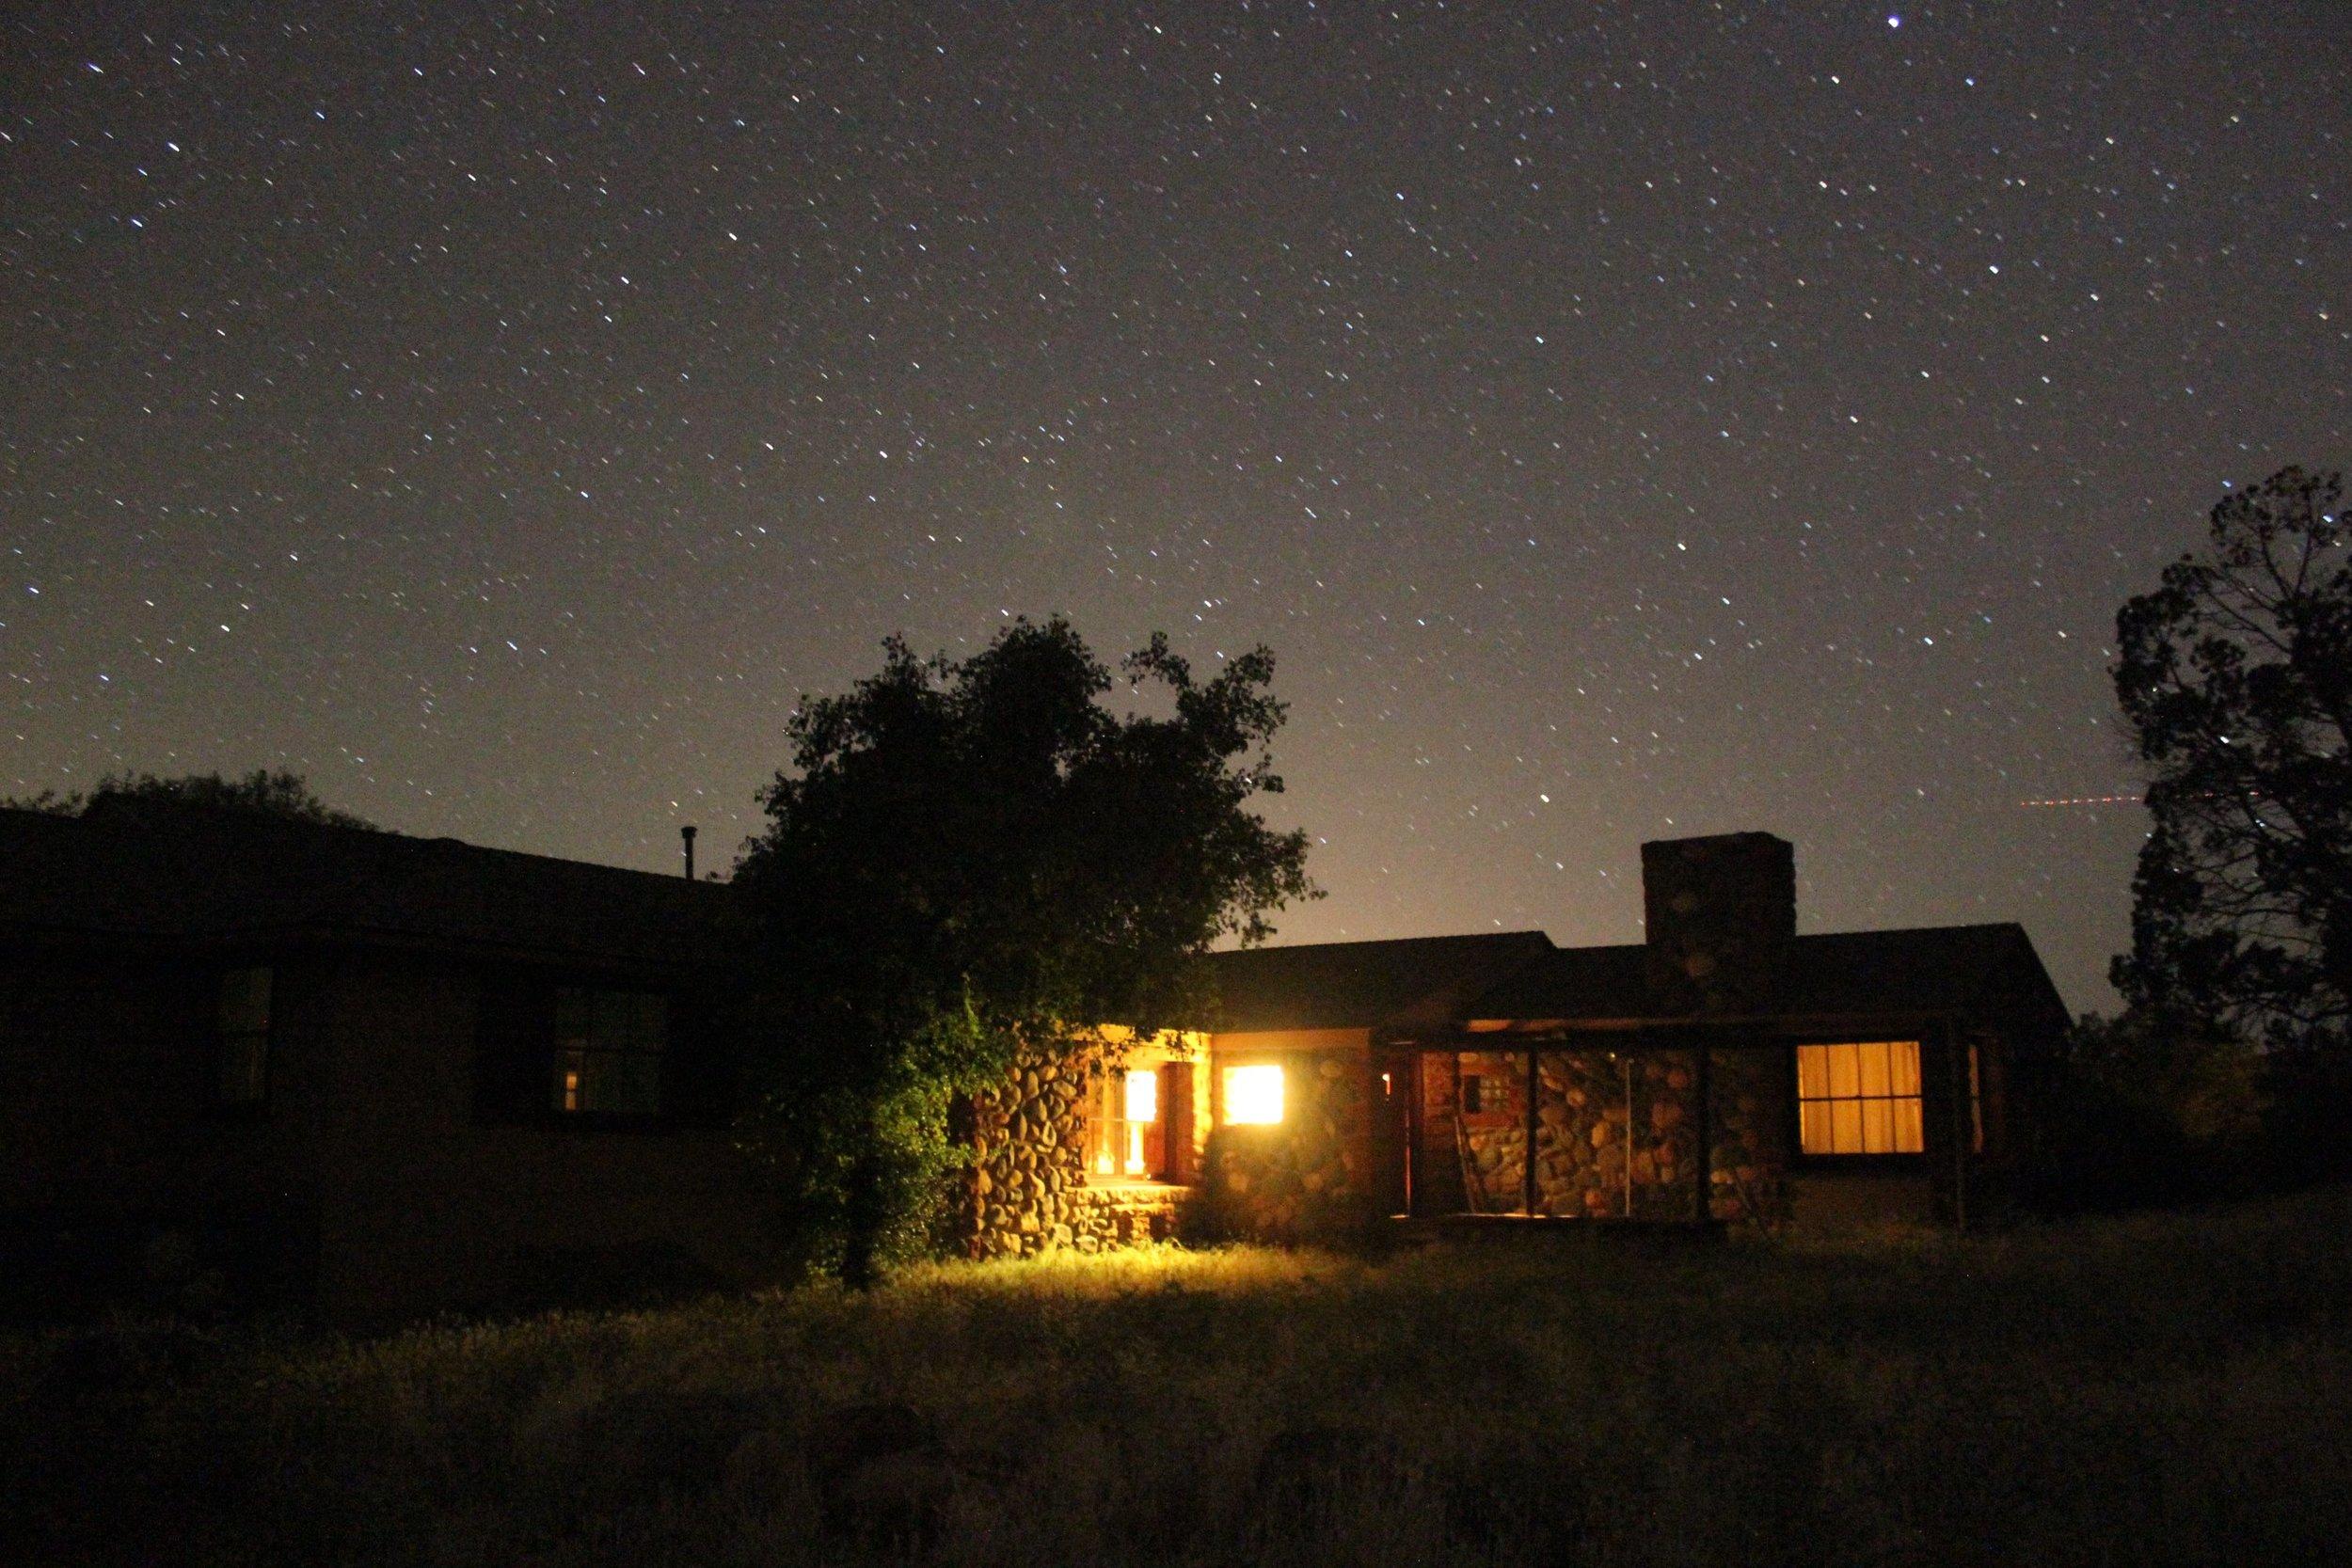 Crescent Moon Ranch at night